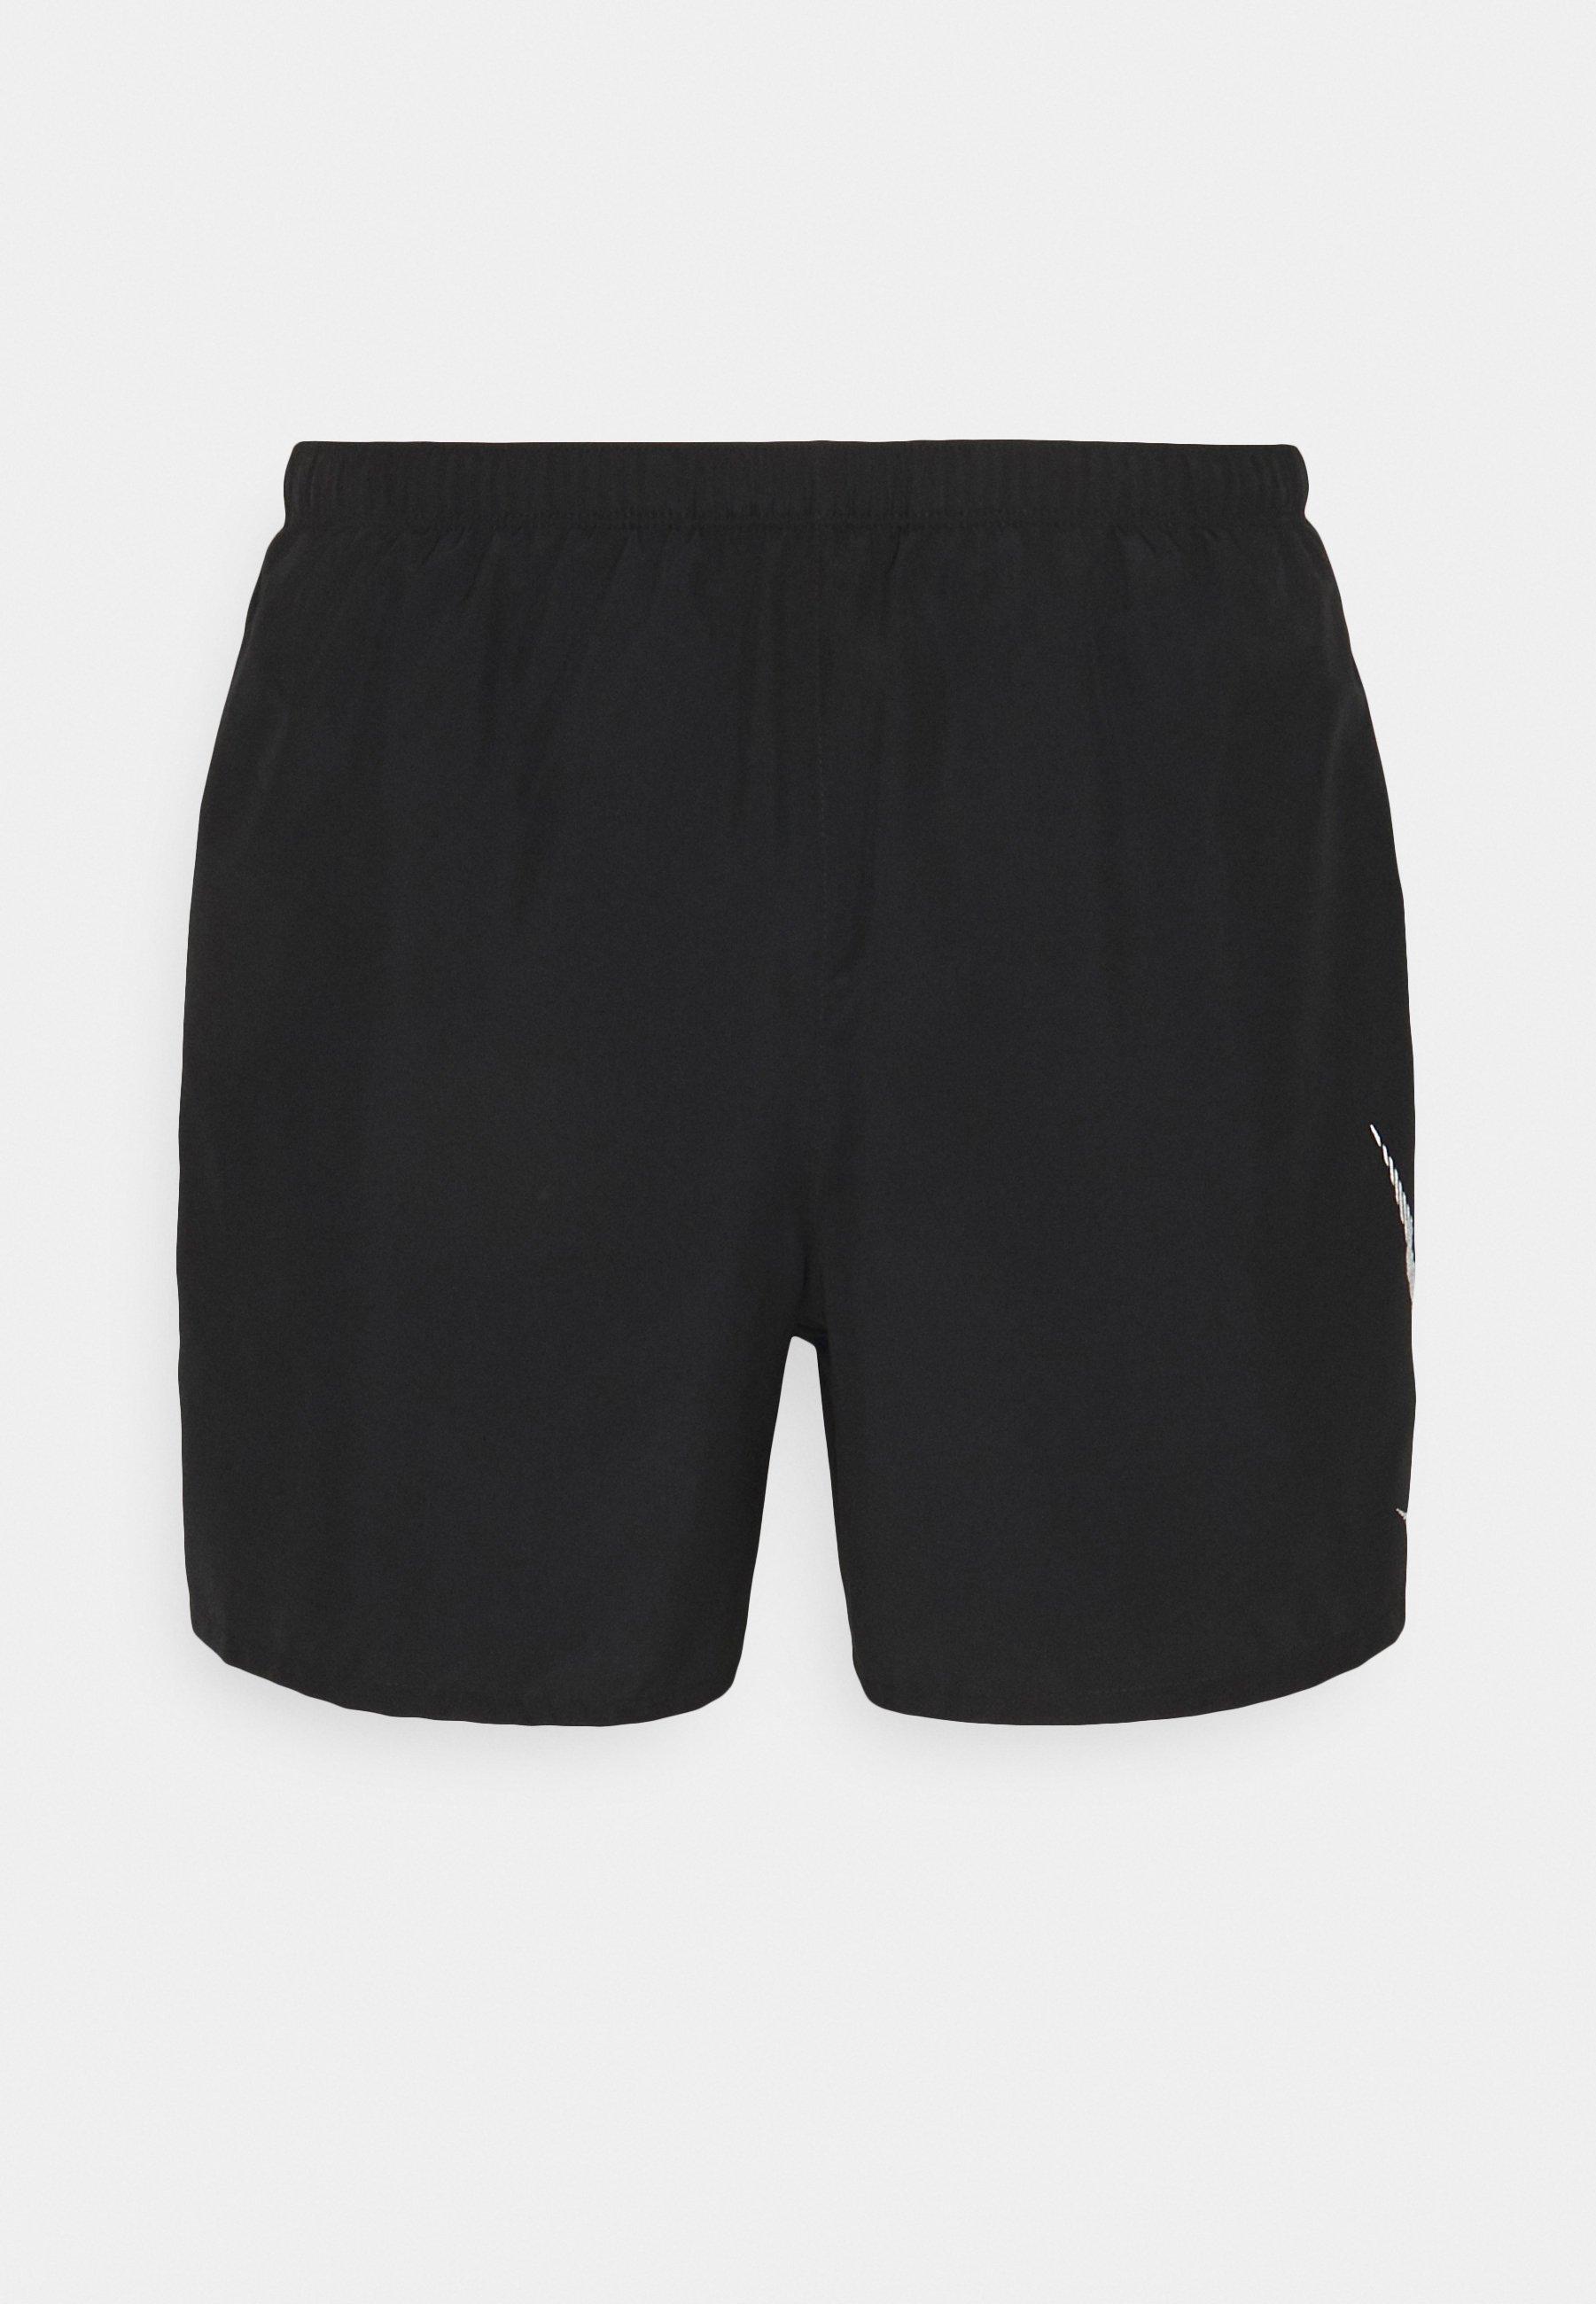 Herren RUN - kurze Sporthose